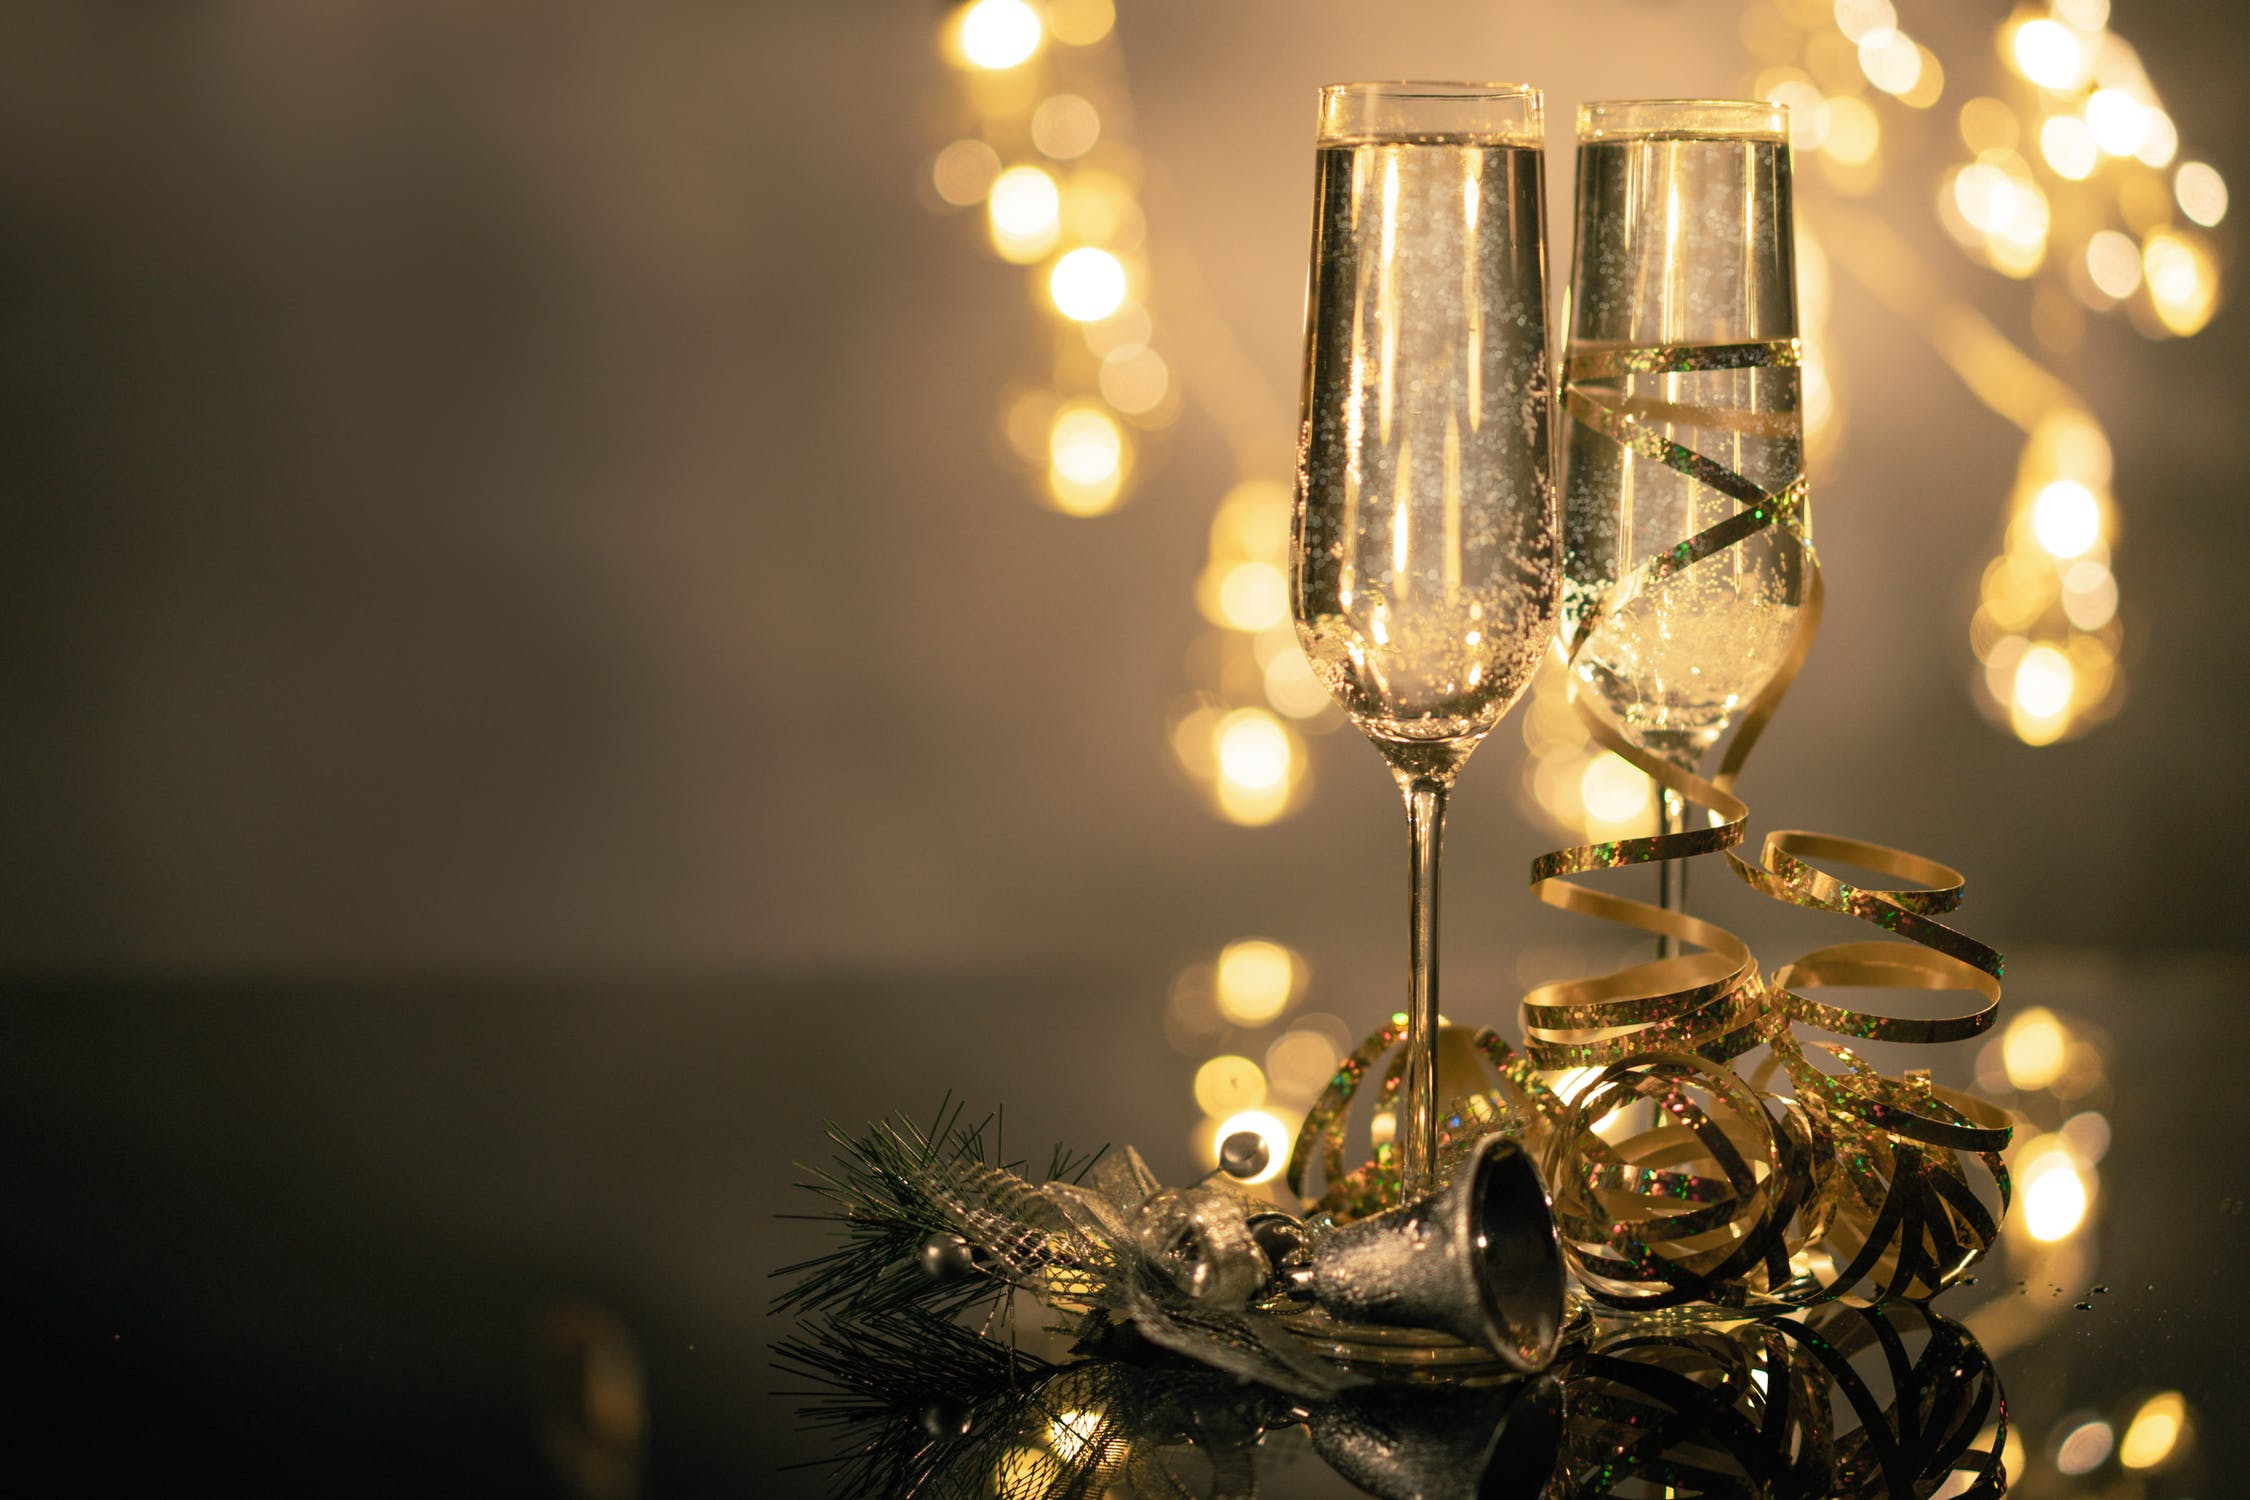 Deux coupes de champagne pour célébrer un anniversaire de mariage romantique en amoureux